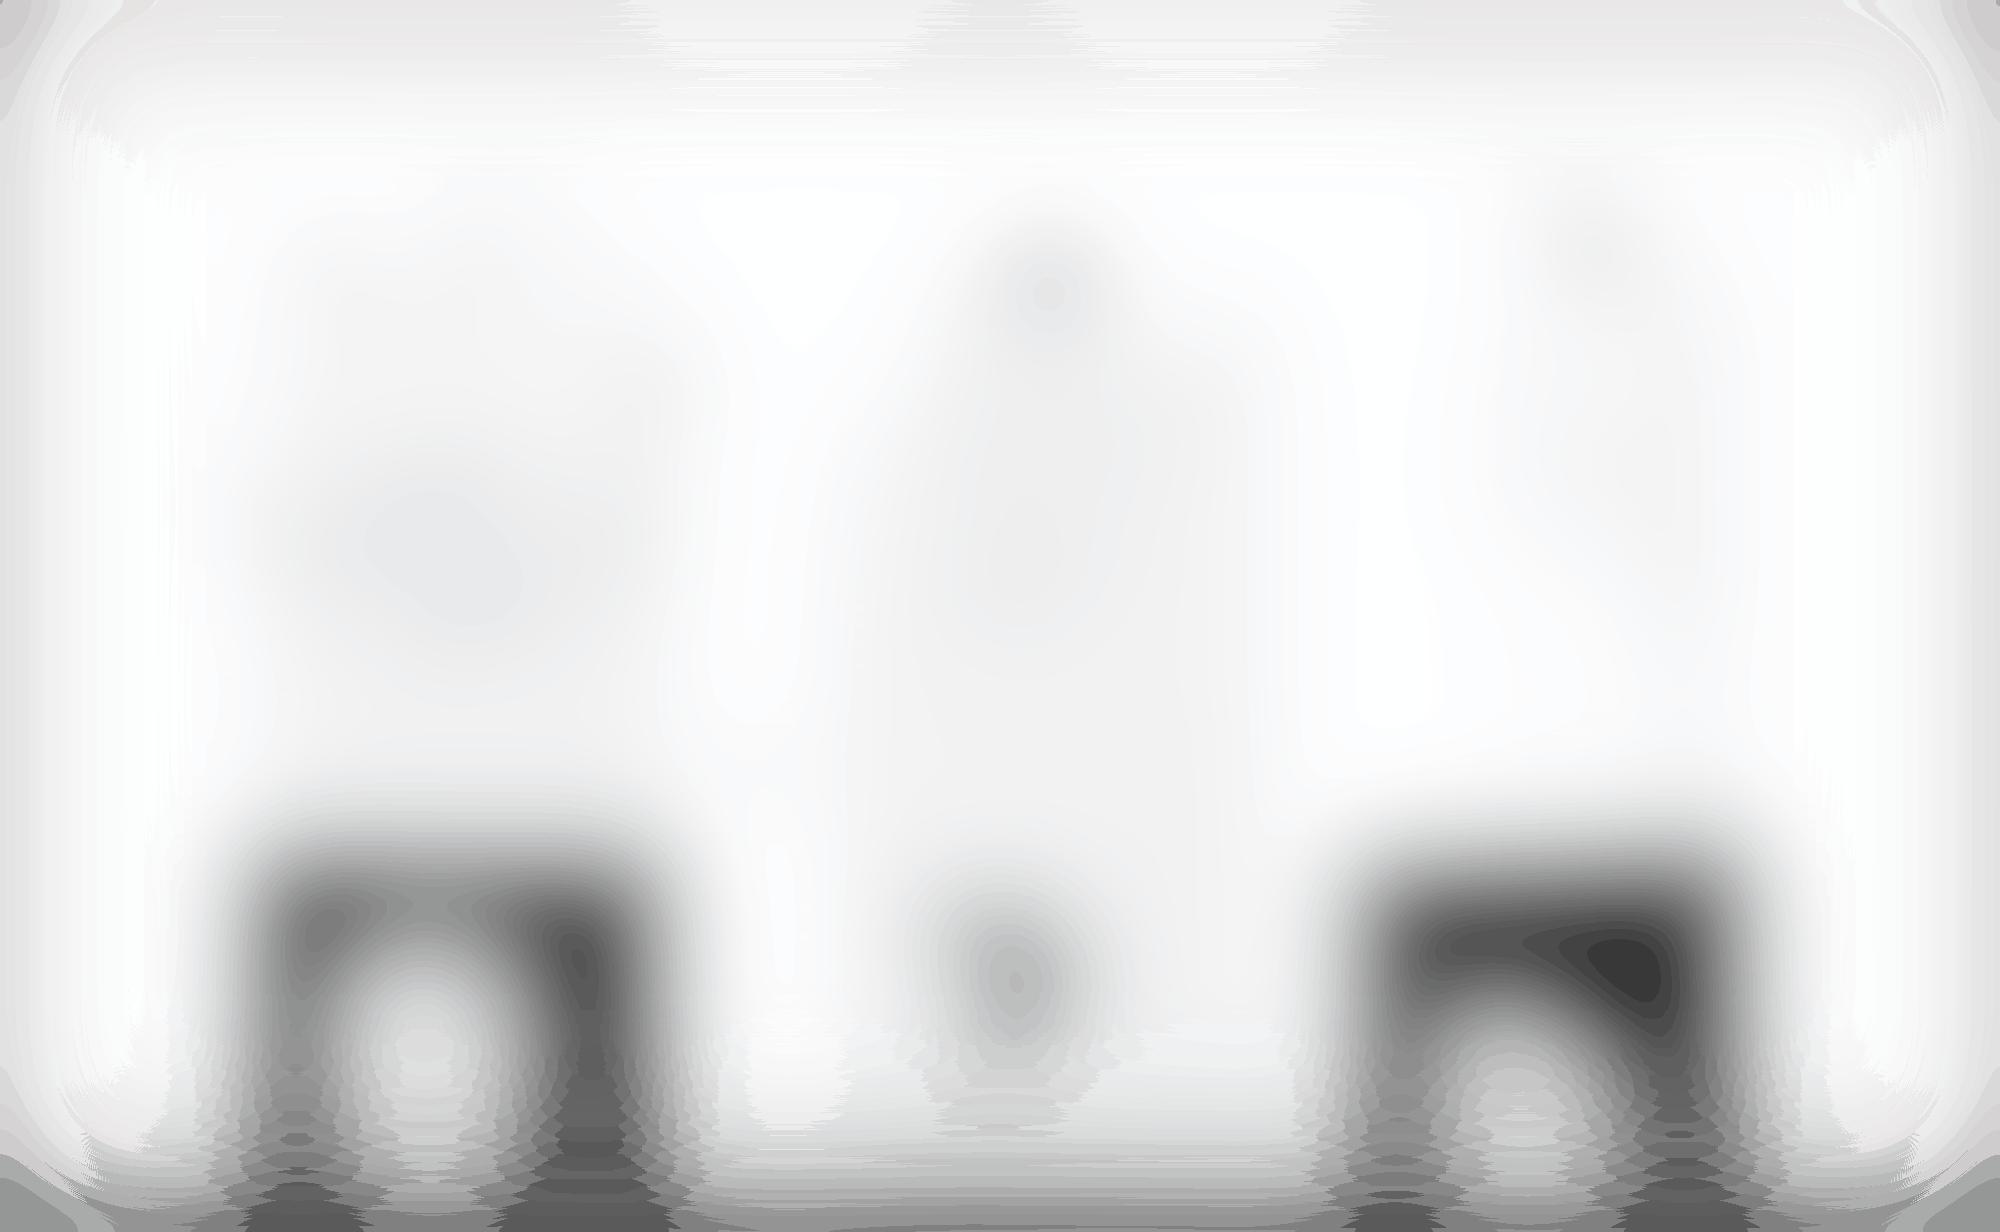 Yuli Serfaty Project2 1 autocompressfitresizeixlibphp 1 1 0max h2000max w3 D2000q80s6beb926f82ddae7408d4a431290ee9fb